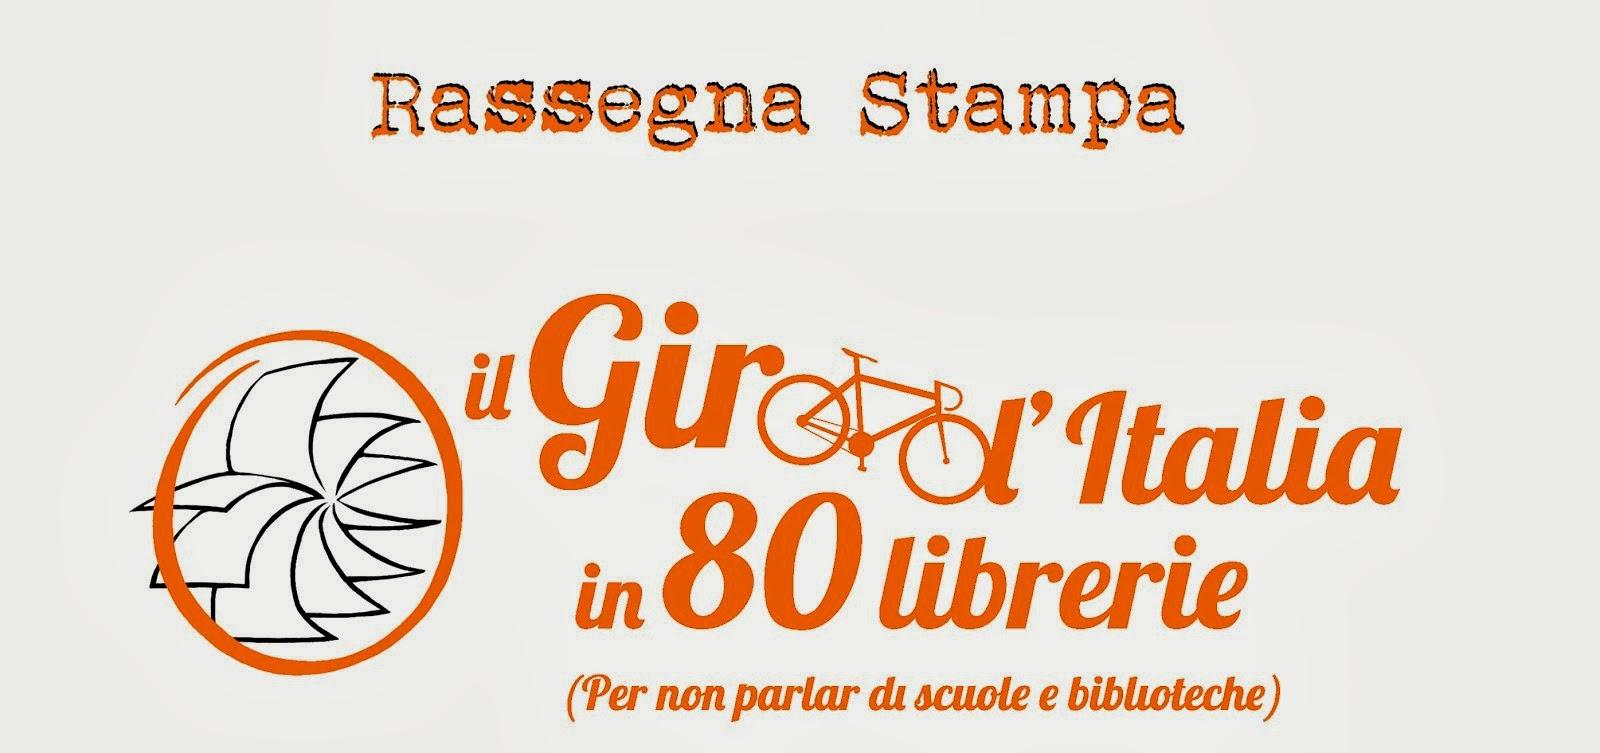 Rassegna Stampa - Il Giro D'Italia in 80 Librerie